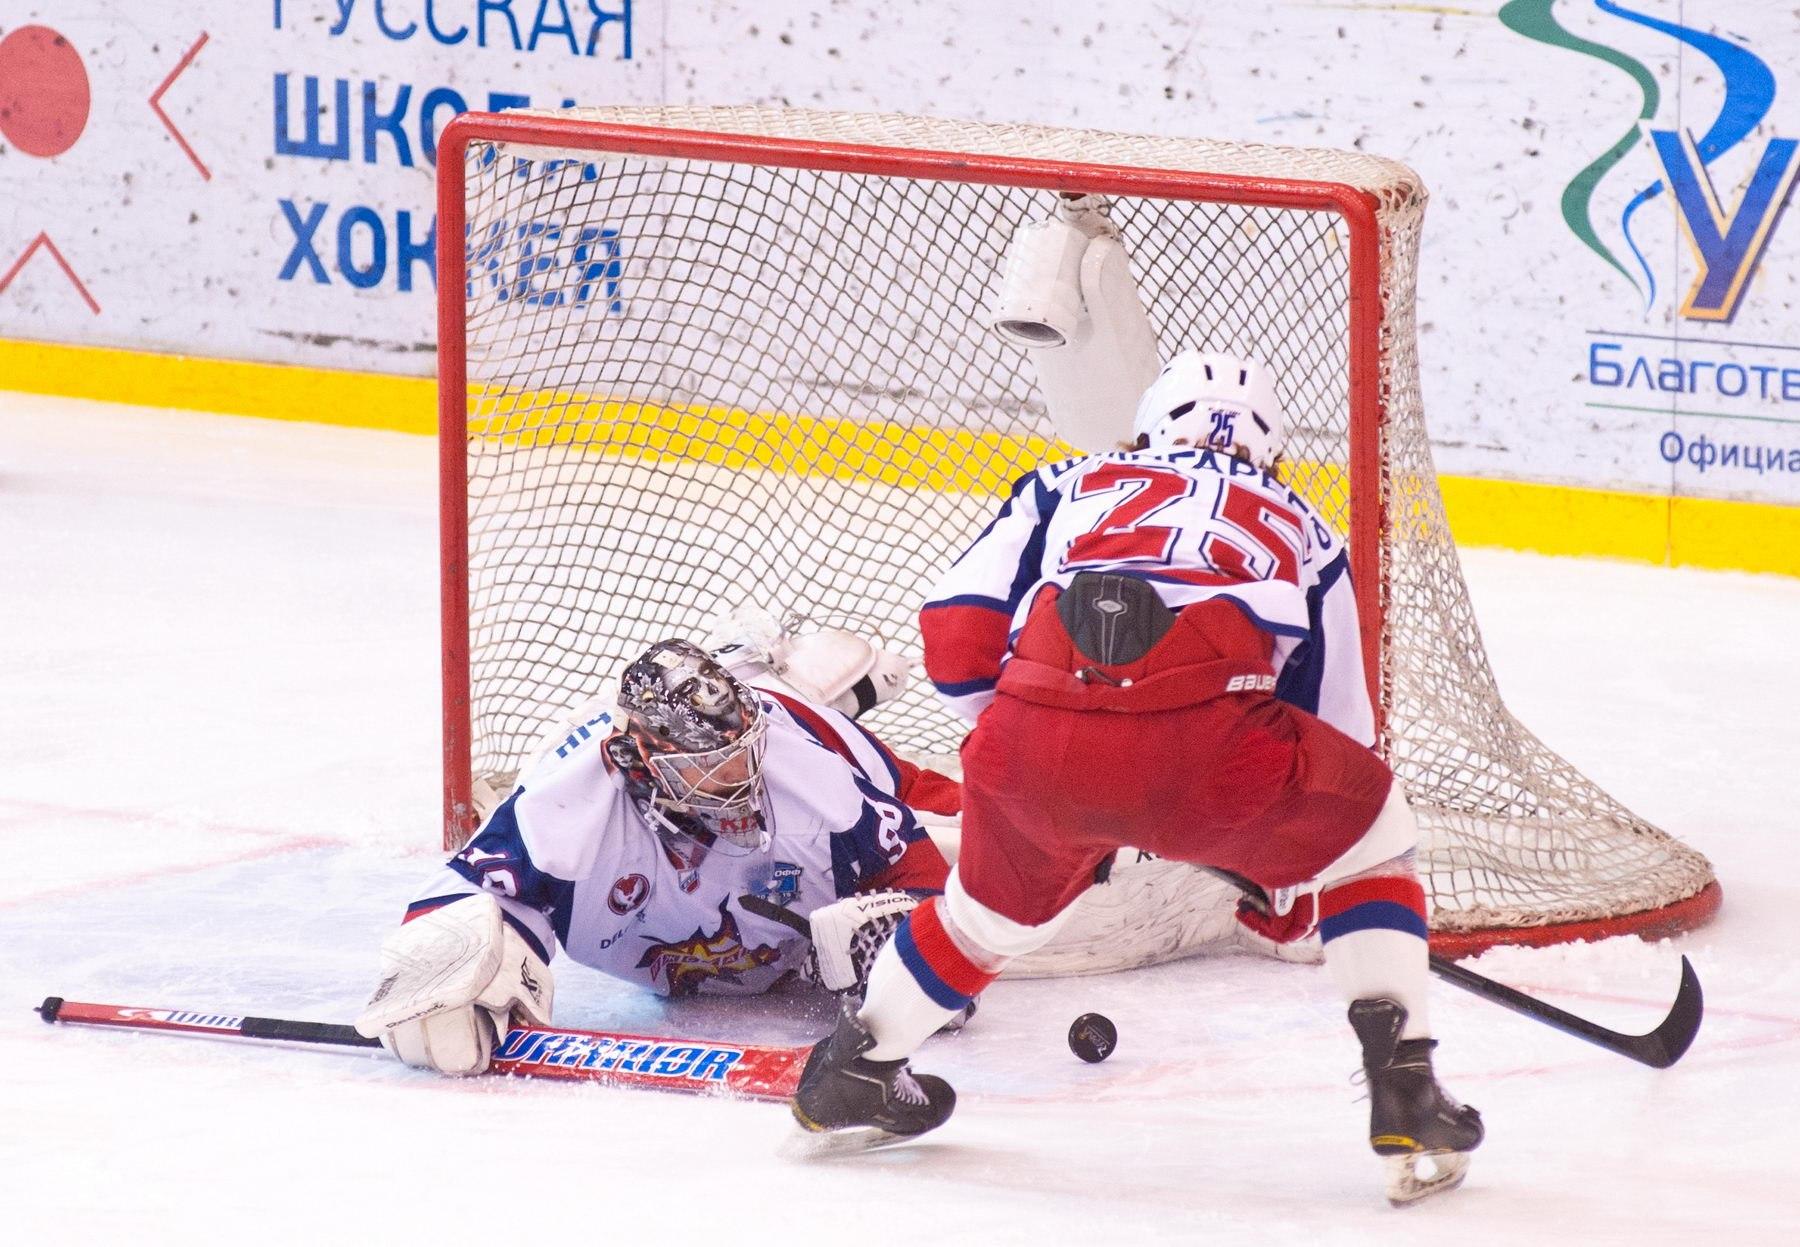 Нефтекамцы украли «сухарь» из-под носа вратаря «Ижстали» Антона Кислицына. Фото vk.com/thk_tver